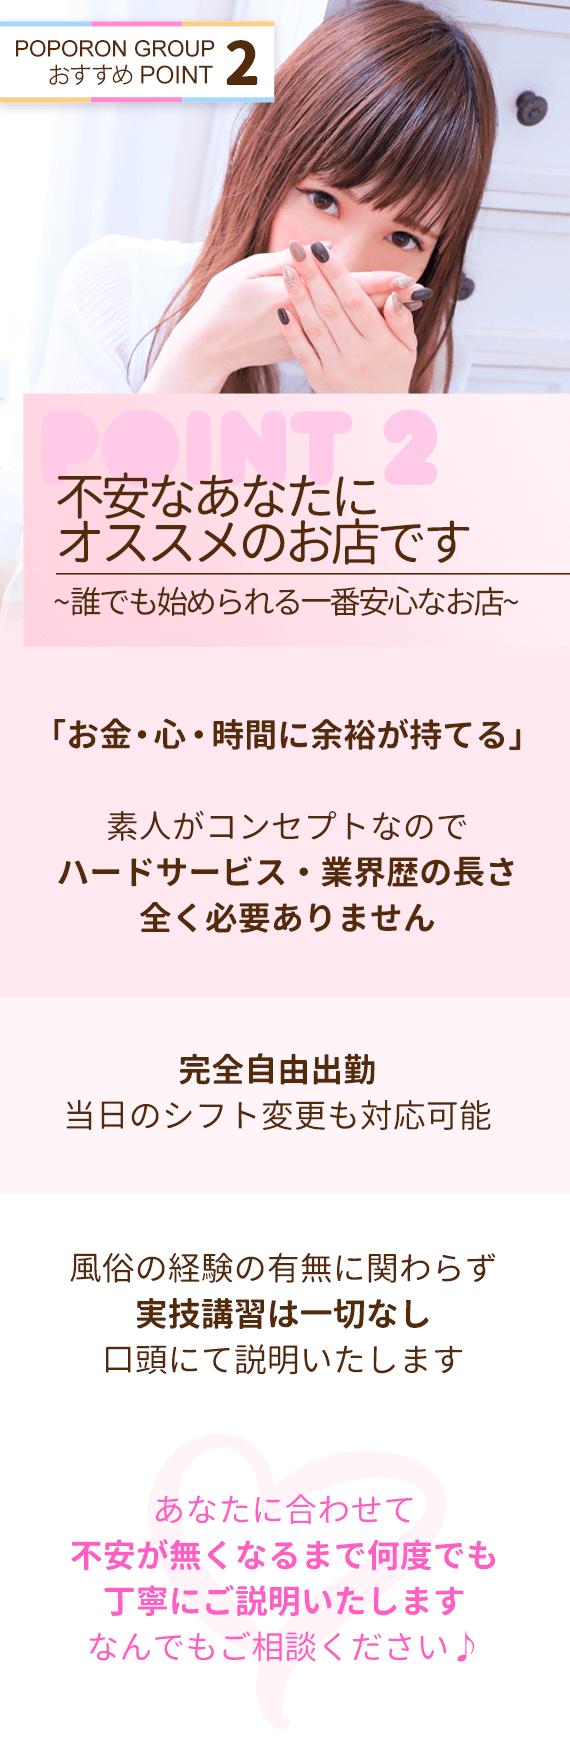 おすすめポイント2